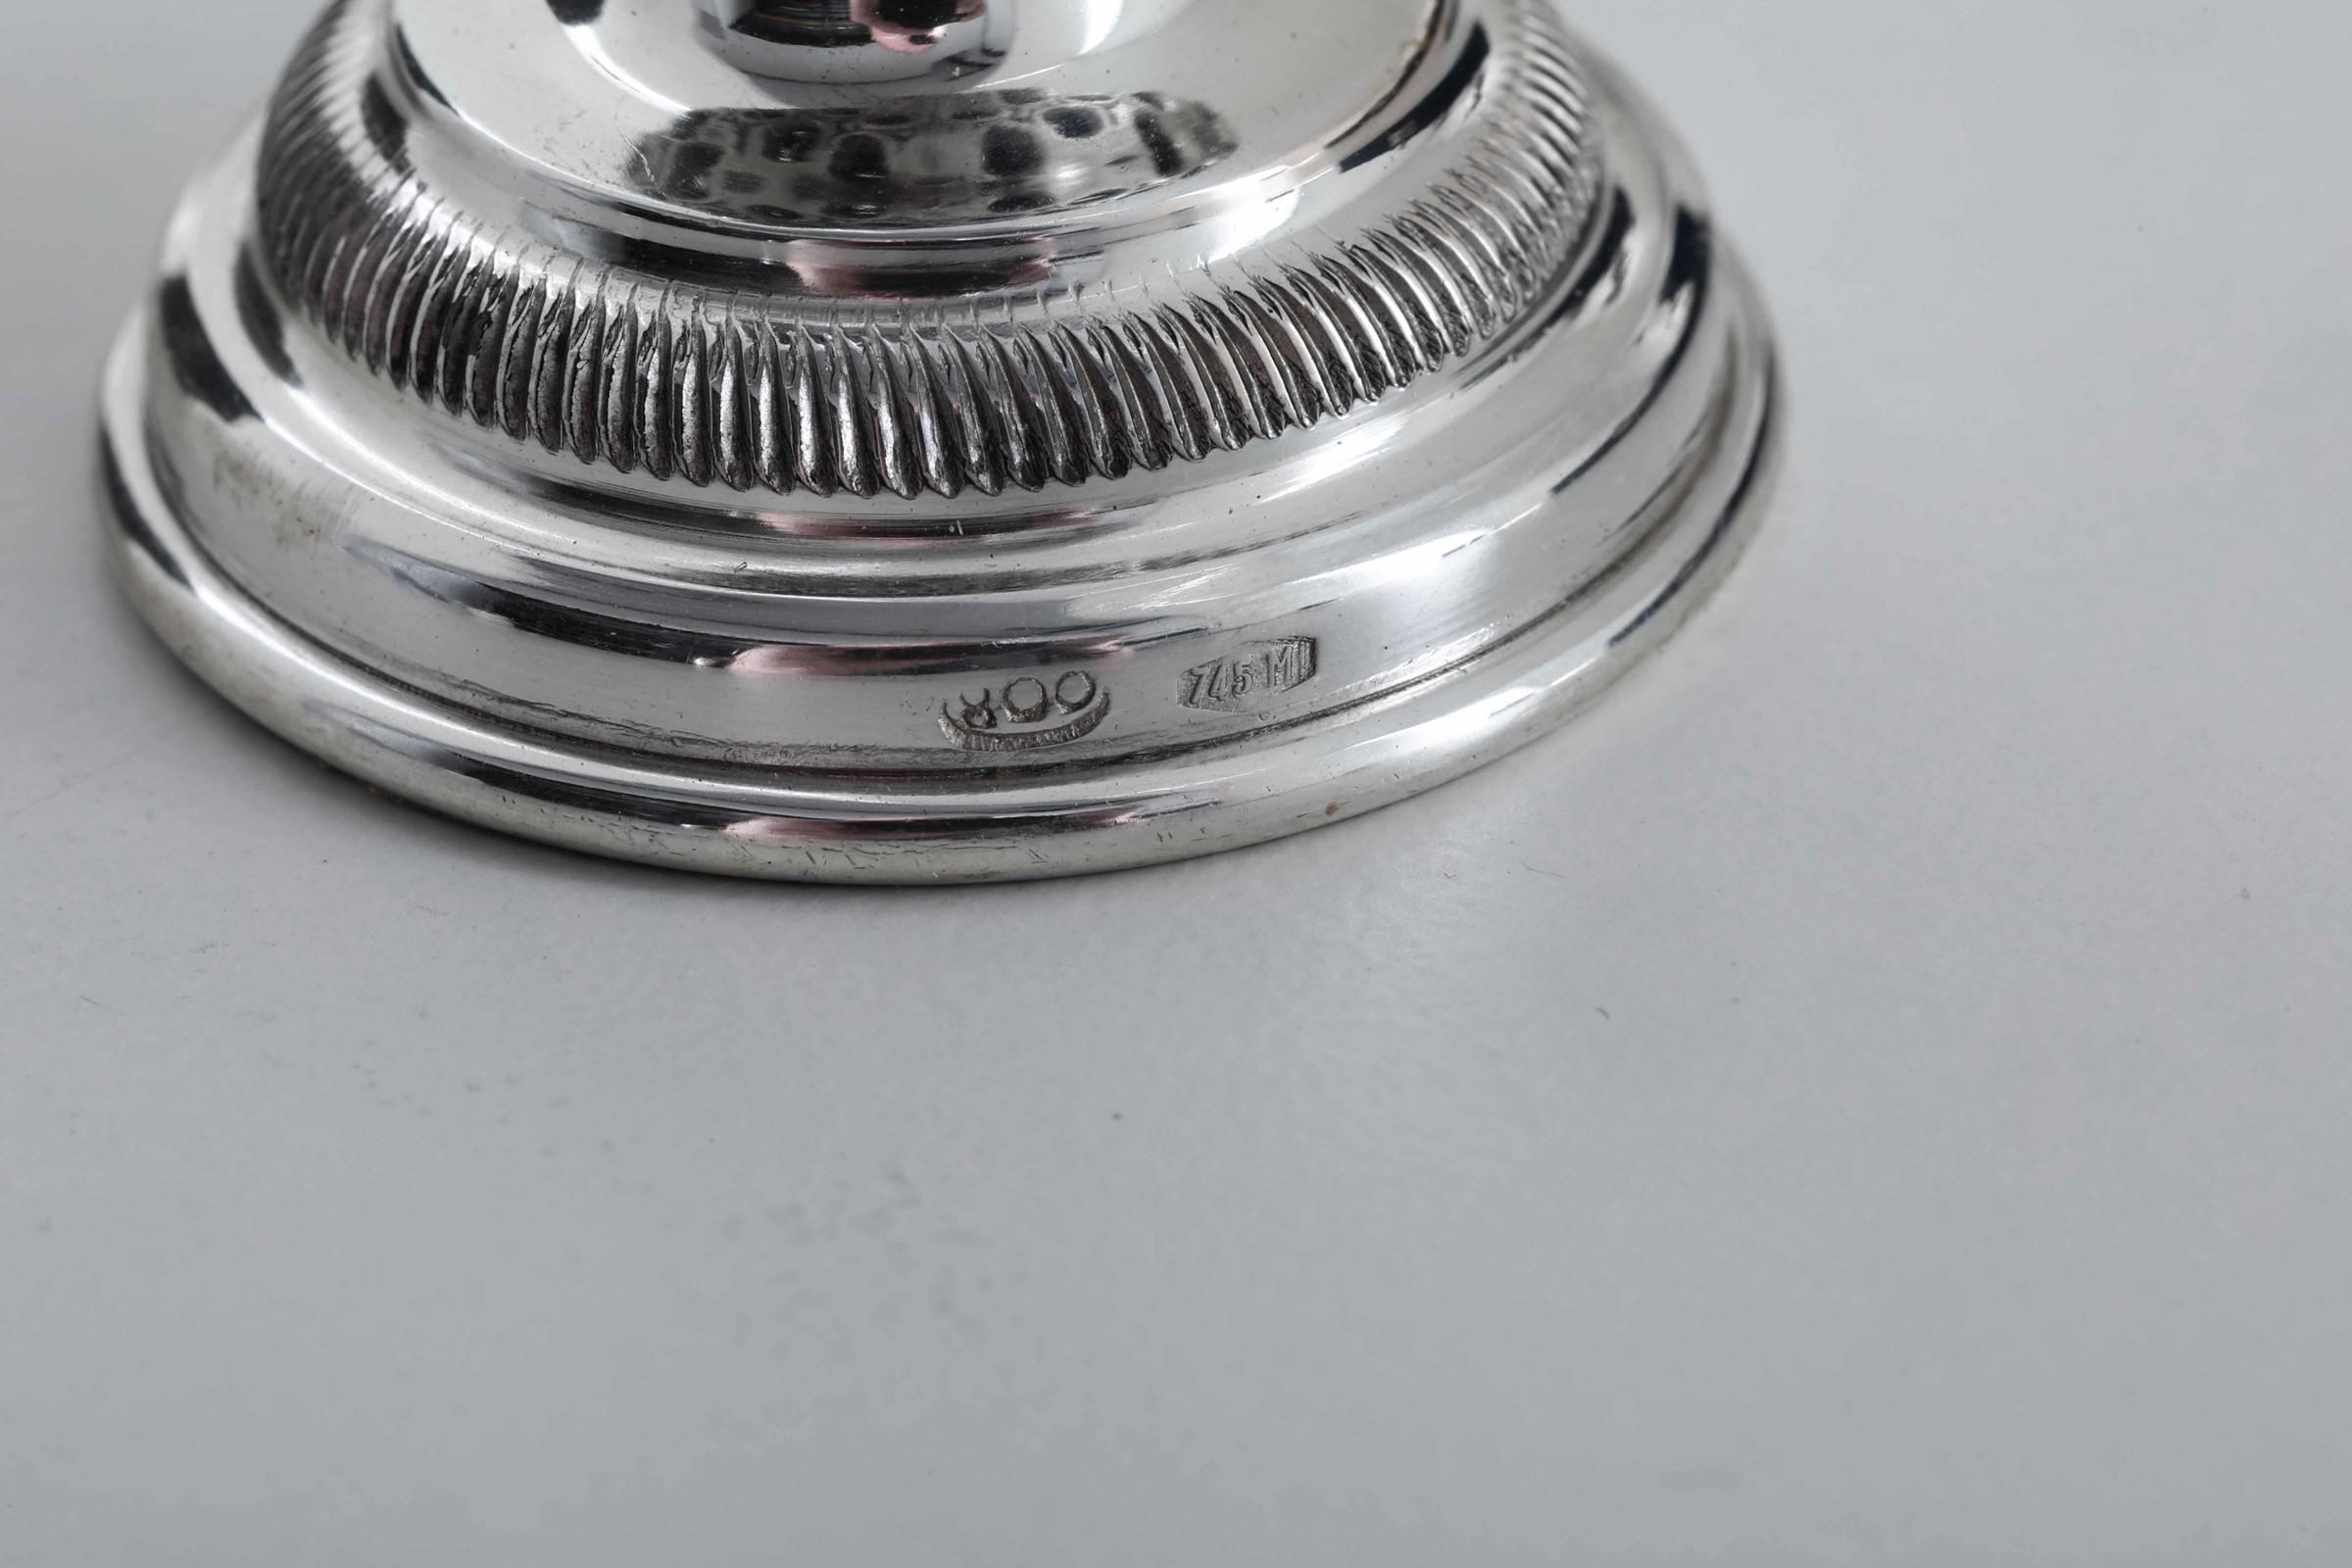 Sei segnaposto in argento e legno a foggia di animali da caccia. Argenteria italiana [...] - Image 3 of 3